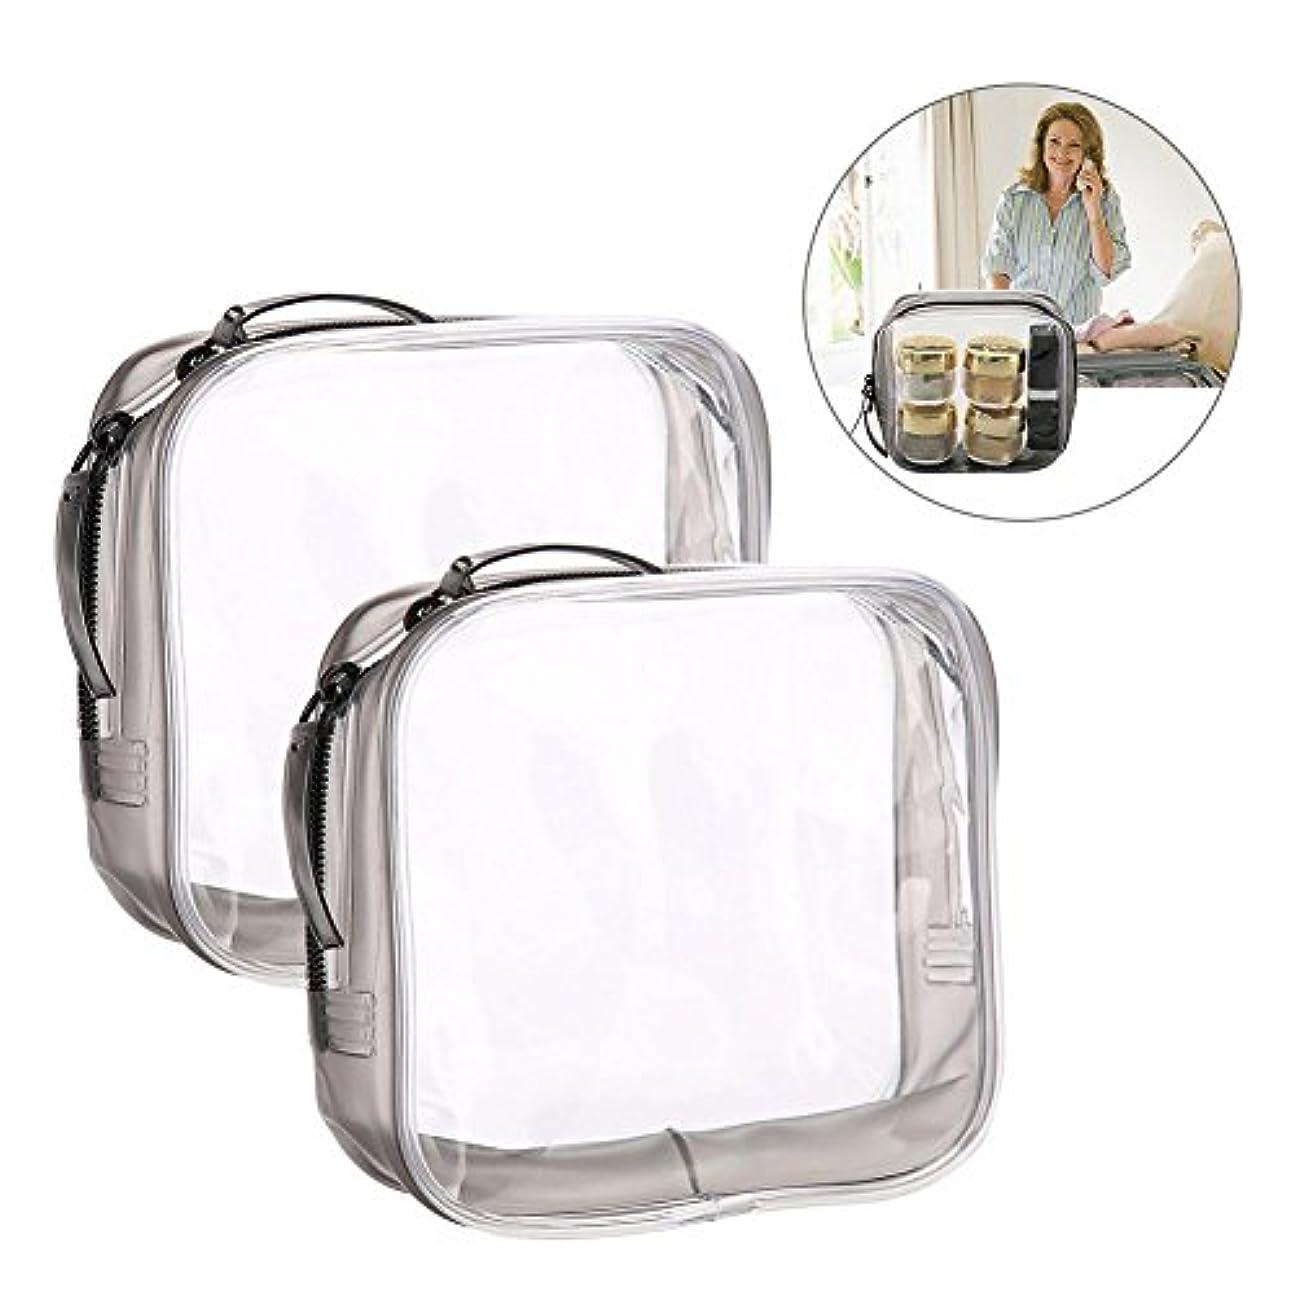 センブランス夢中成熟したメイクアップバッグ 旅行&家庭用 収納トイレタリー 透明 PVC 化粧品バッグ(S)